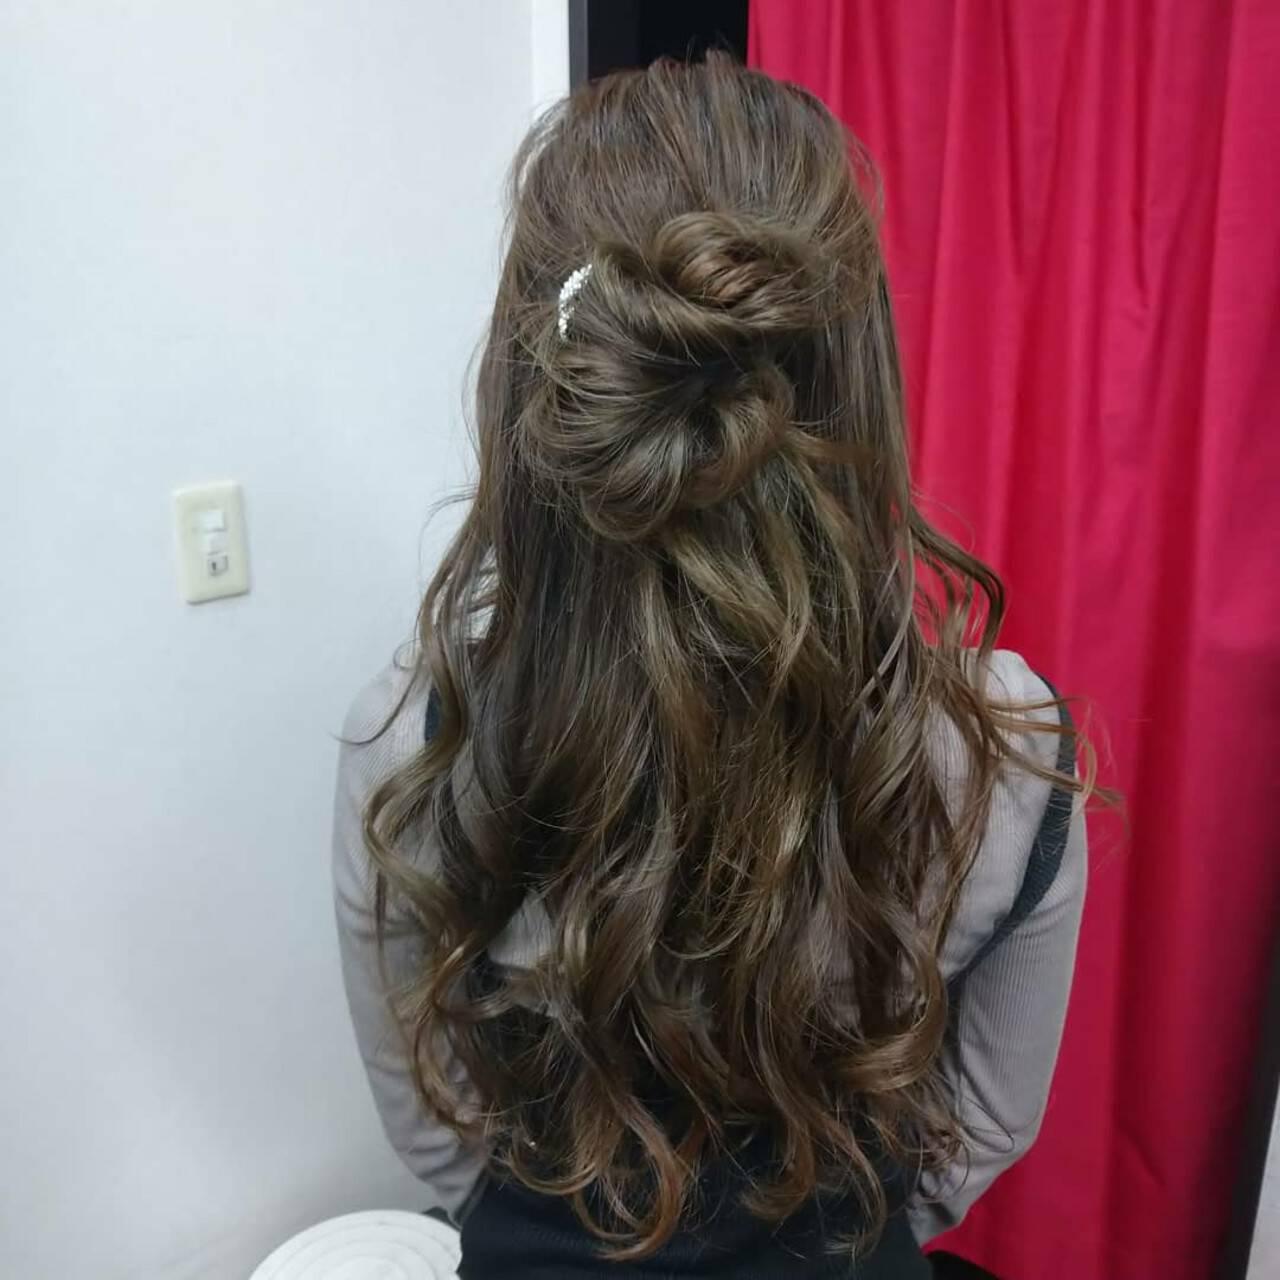 ヘアカラー ロング ナチュラル 結婚式ヘアアレンジヘアスタイルや髪型の写真・画像